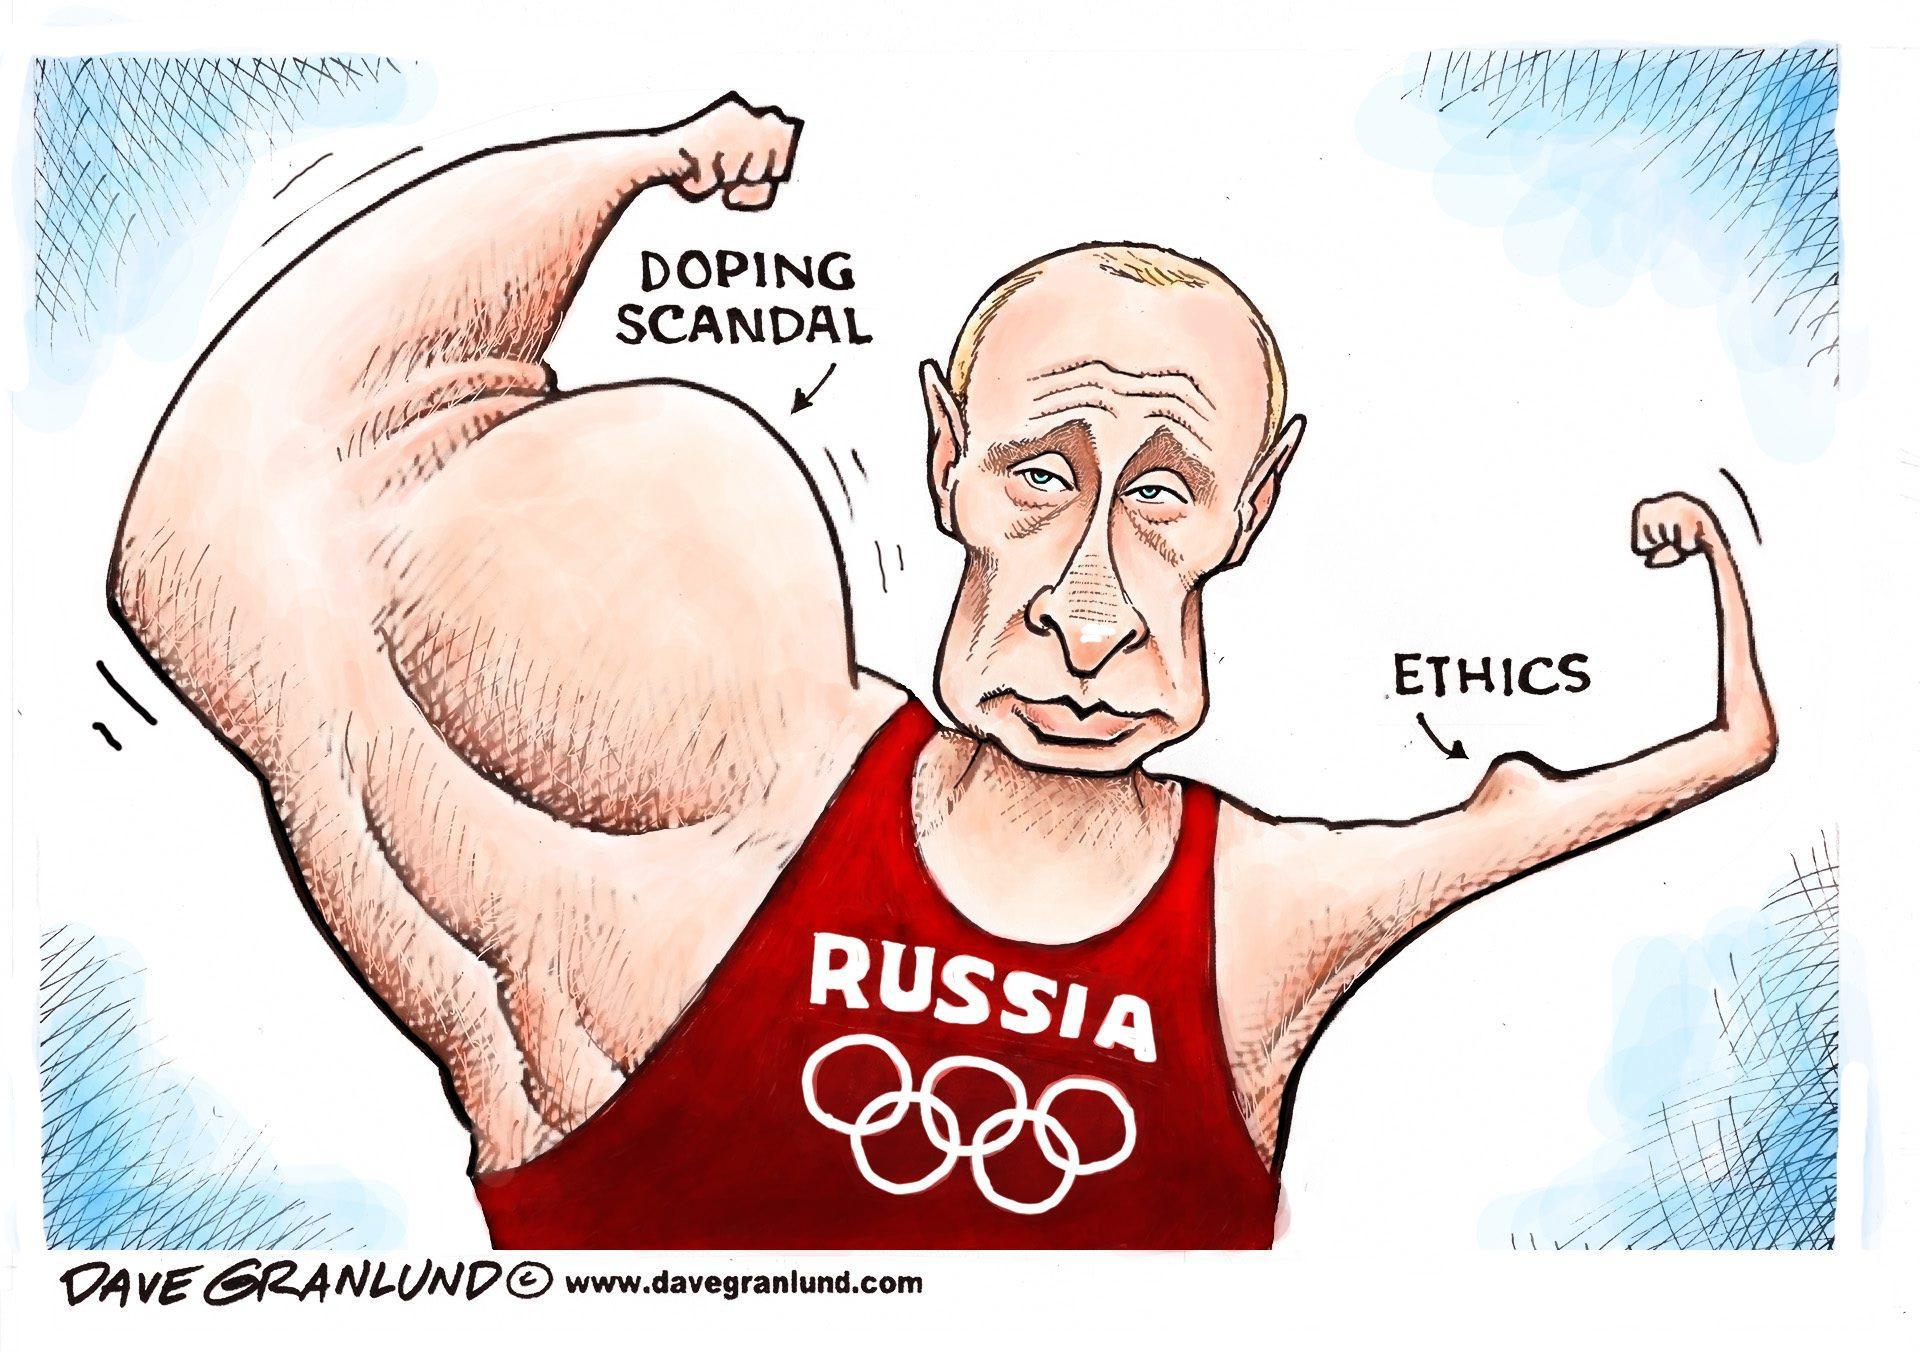 Почему допинг в спорте запрещен?